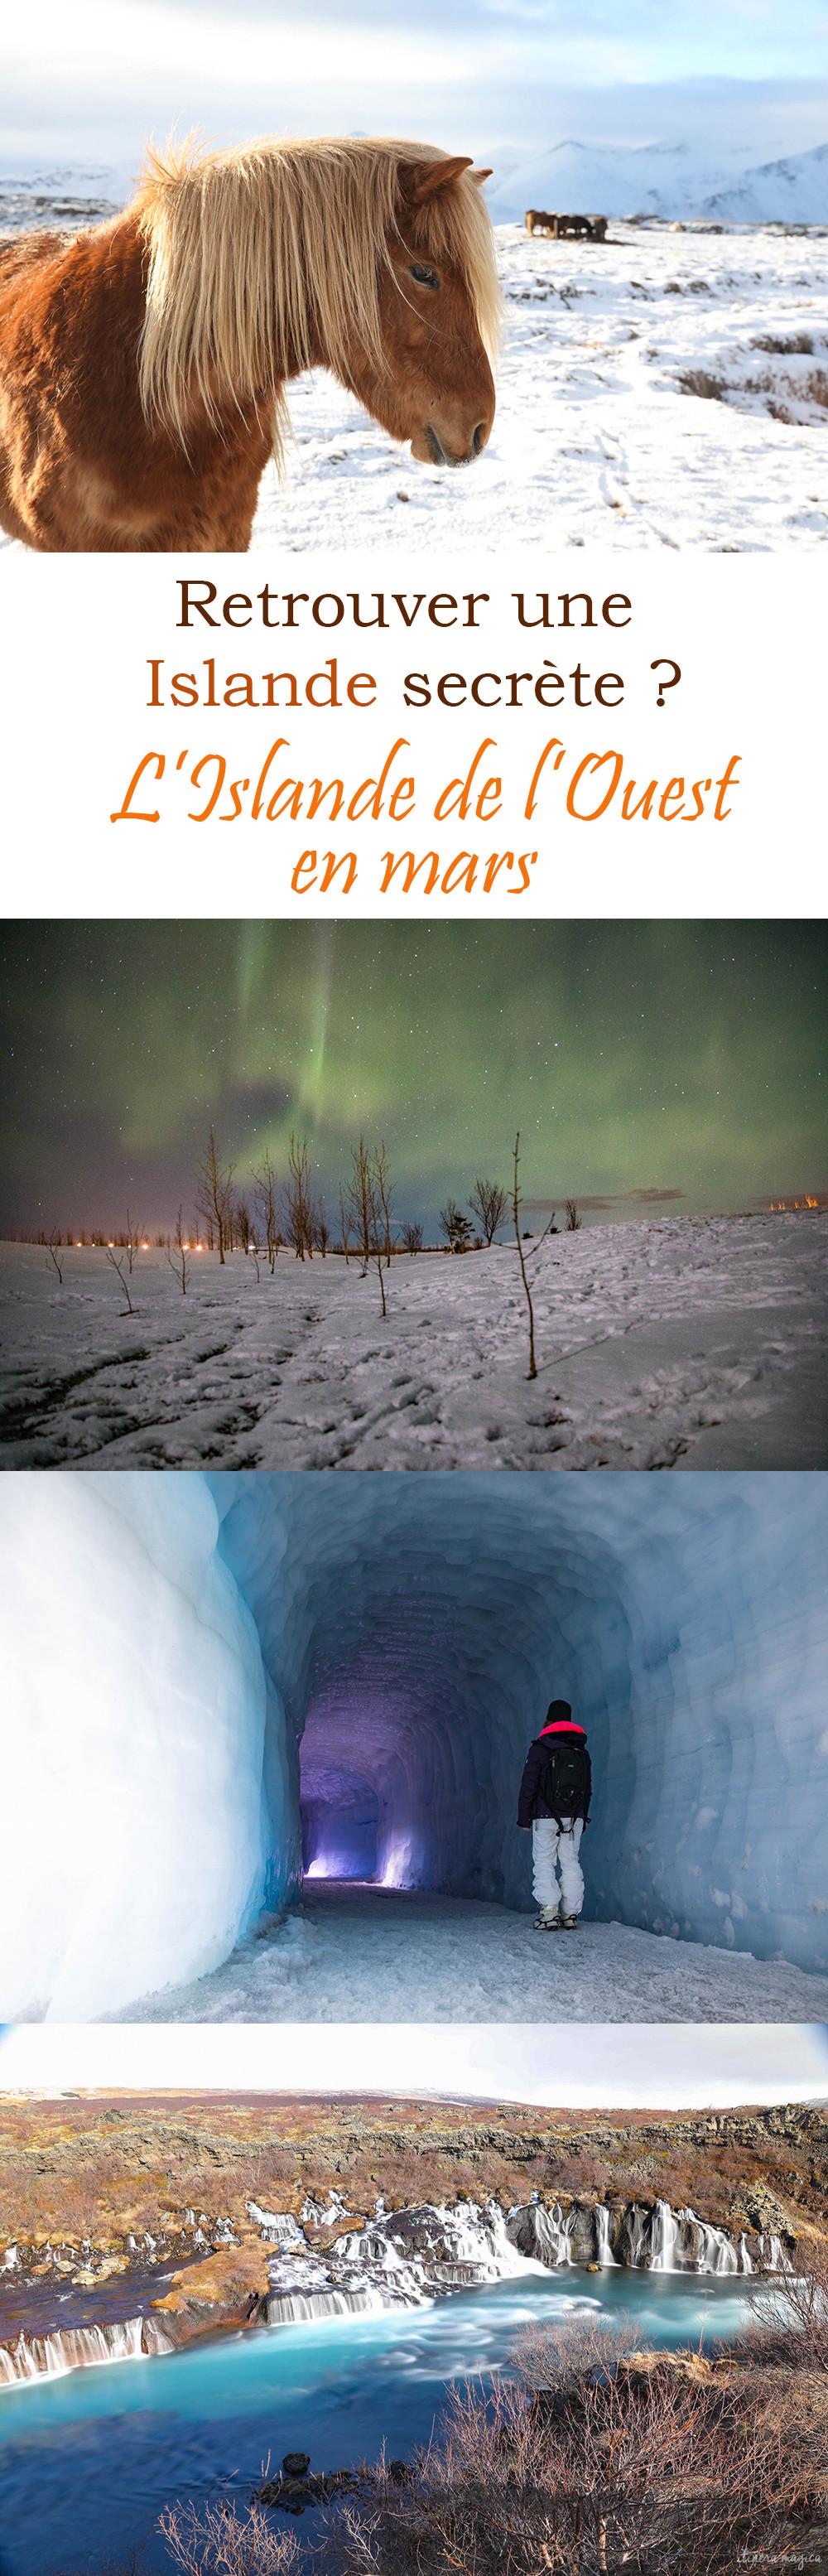 L'Islande sans touristes ? Partez en Islande de l'Ouest en mars : paysages sublimes, glaciers, volcans, cascades, chevaux et solitude !